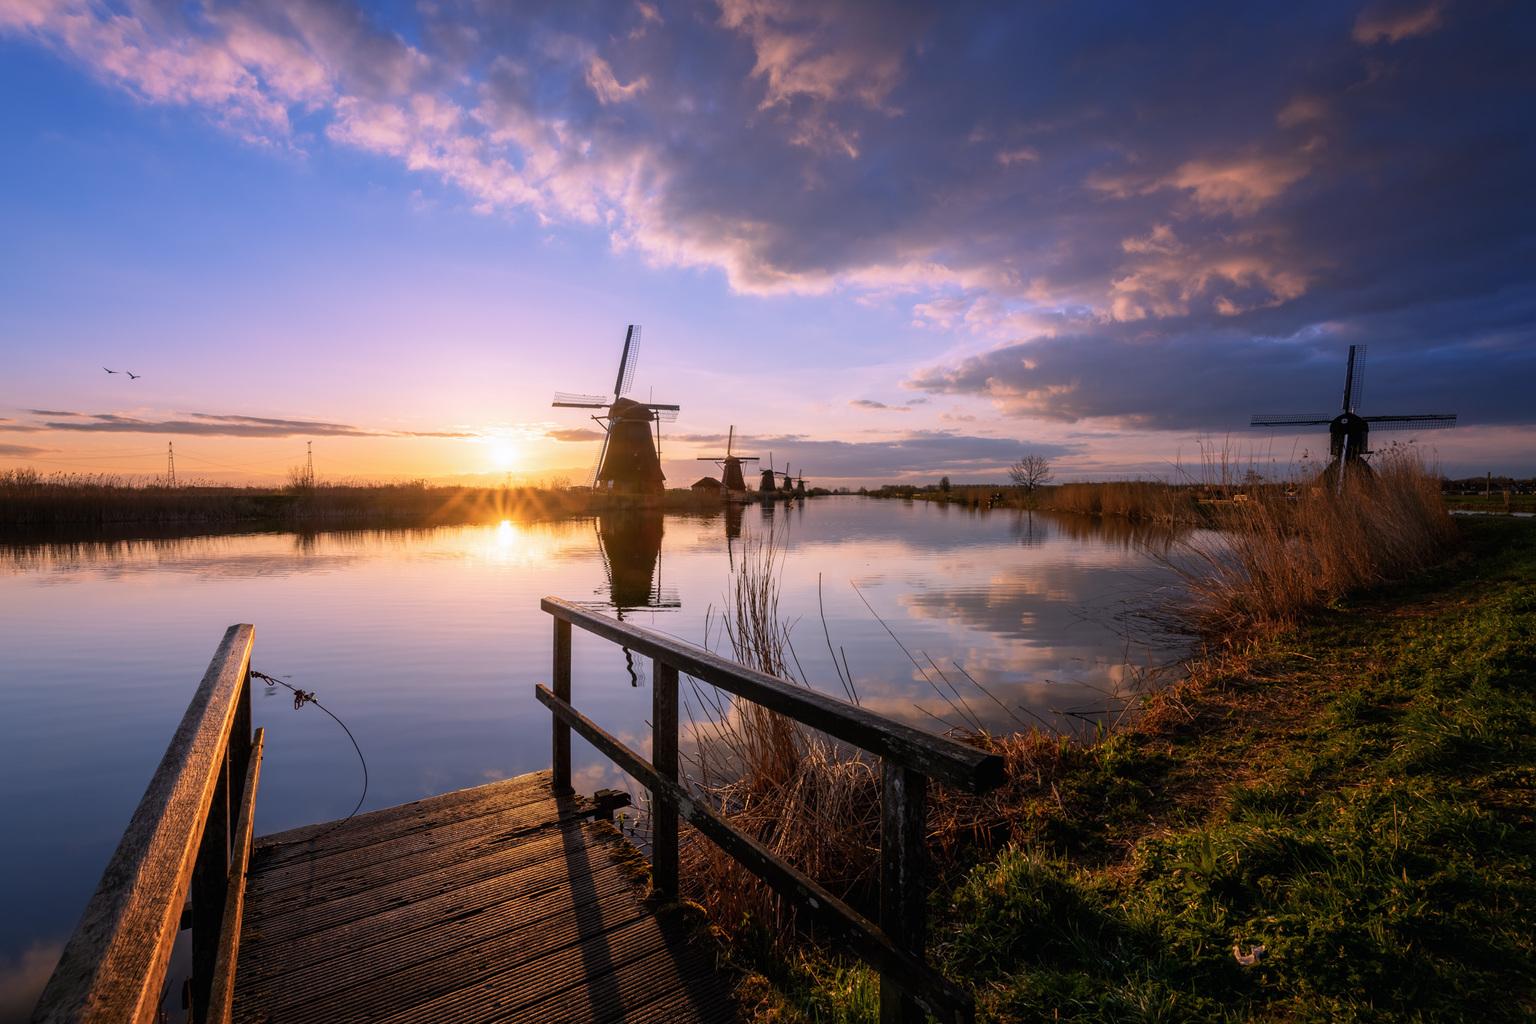 Kinderdijk  - Nog een foto van de mooie zonsopkomst afgelopen donderdag in Kinderdijk. Wat een heerlijk moment was dit. - foto door sanderpeters op 12-04-2021 - locatie: 2961 Kinderdijk, Nederland - deze foto bevat: #molen, #hdr, #reflectie, #brug, #zonsopkomst, wolk, water, lucht, atmosfeer, watervoorraden, fabriek, nagloeien, natuur, natuurlijk landschap, schemer